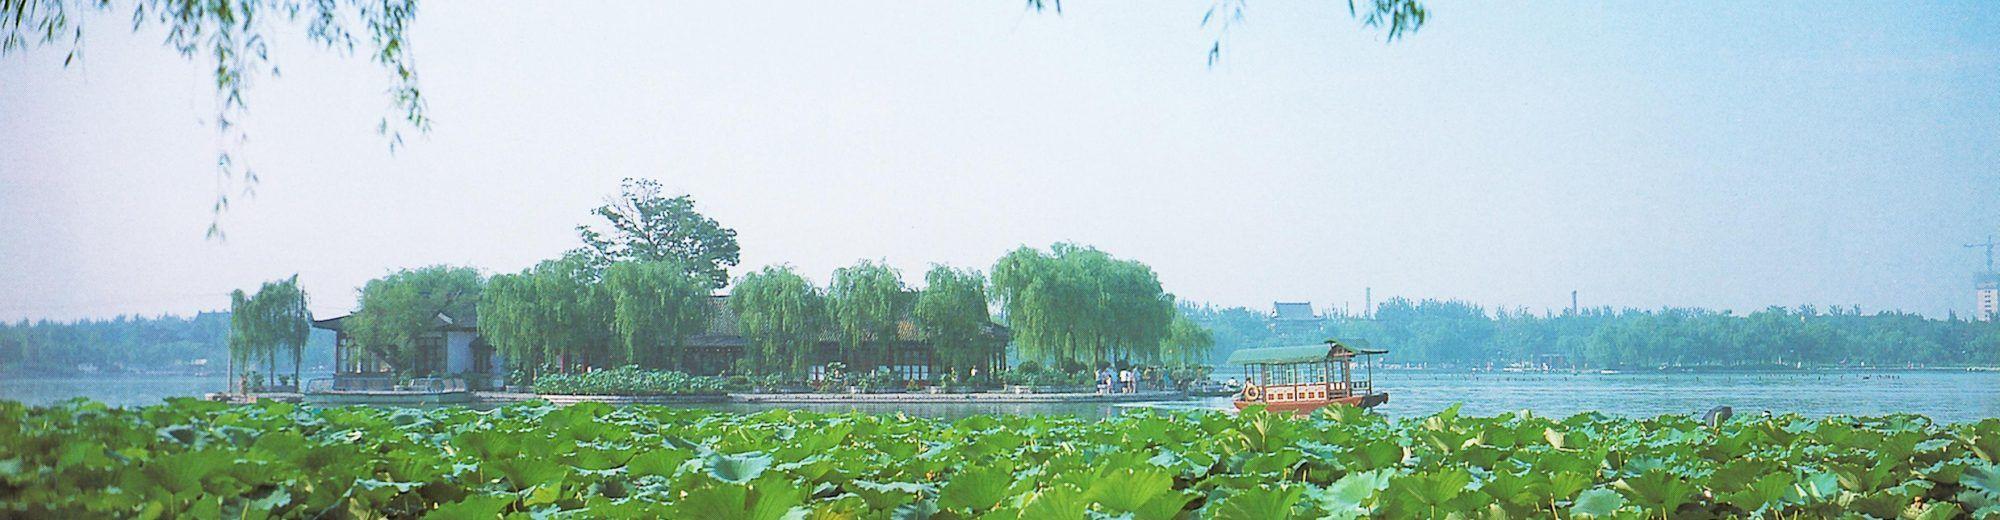 Tong Zhu Research Group